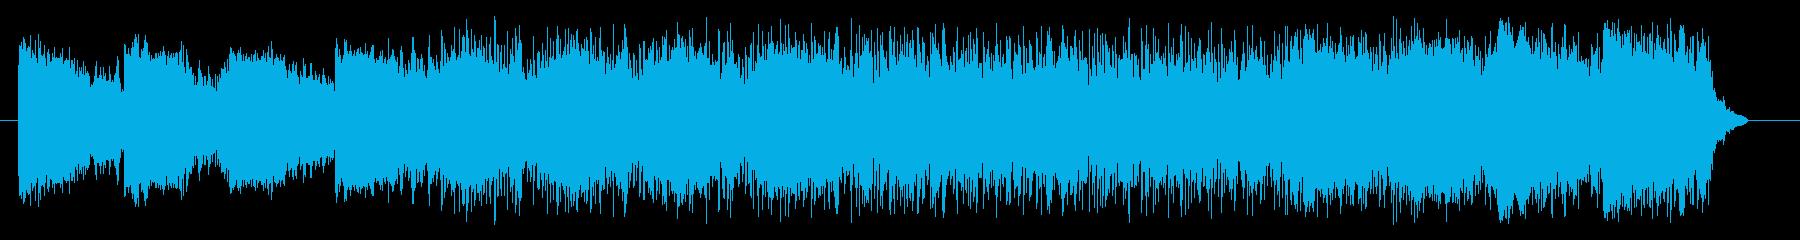 あやしい 浮遊 宇宙 科学 機械 緊張の再生済みの波形